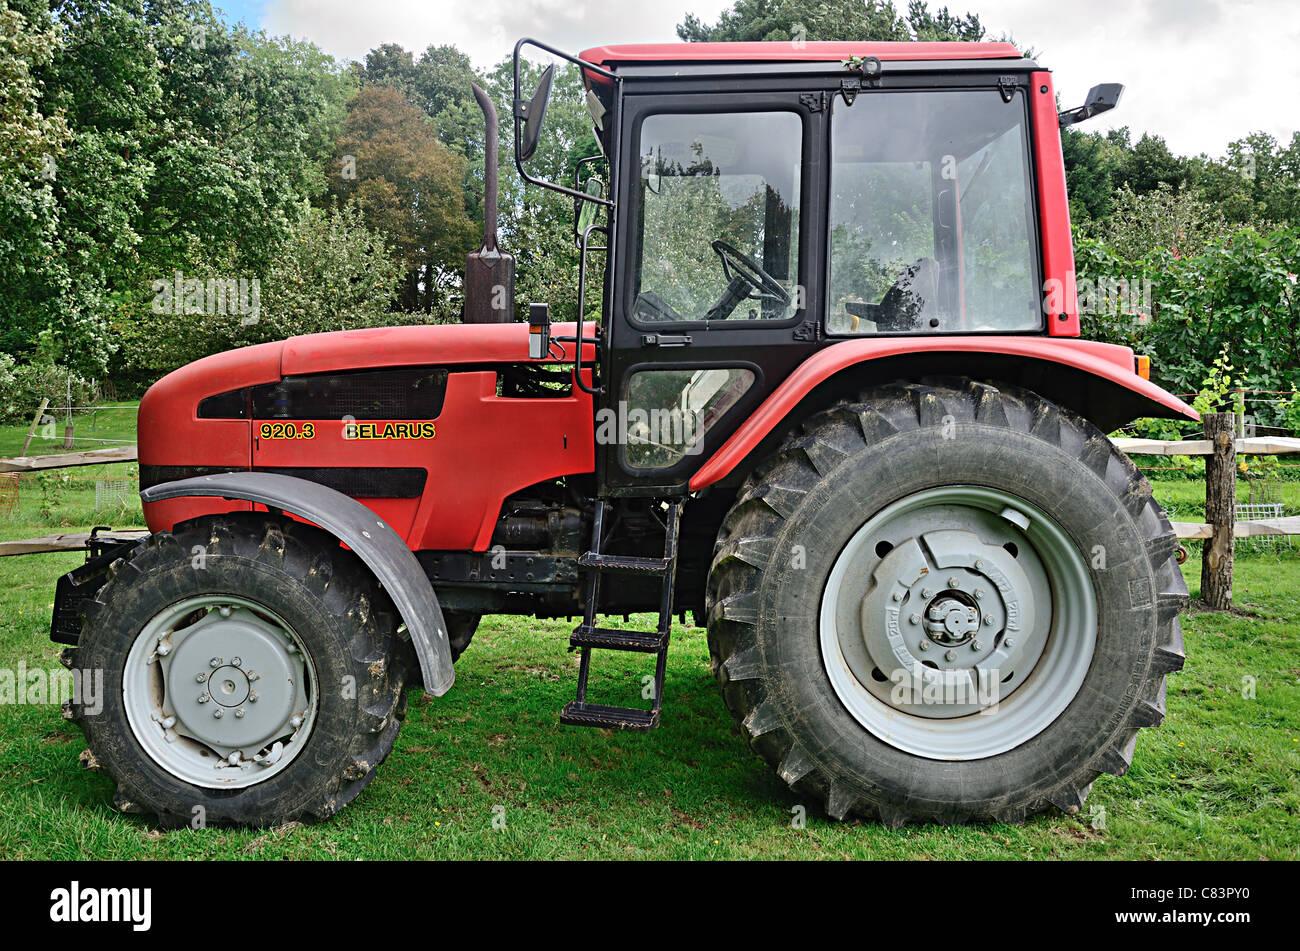 Belarus 920.3 Tractor - Stock Image